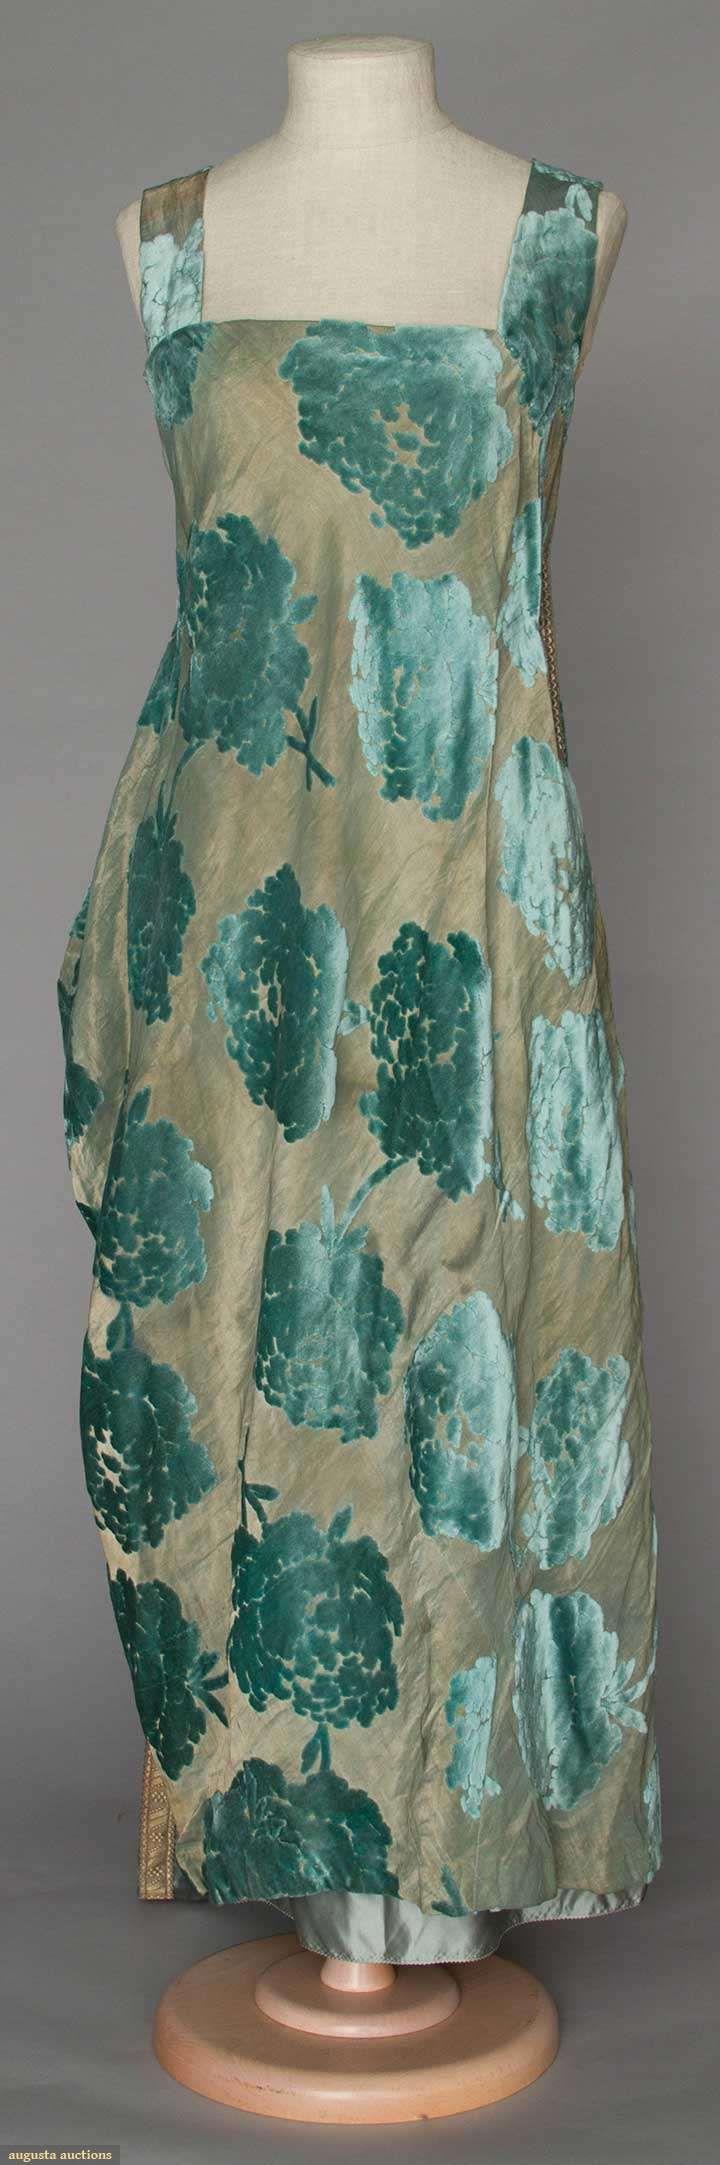 Evening gown (front) | 1920s | Aqua velvet peony blossoms cut to gold lamé, wide shoulder straps & back train